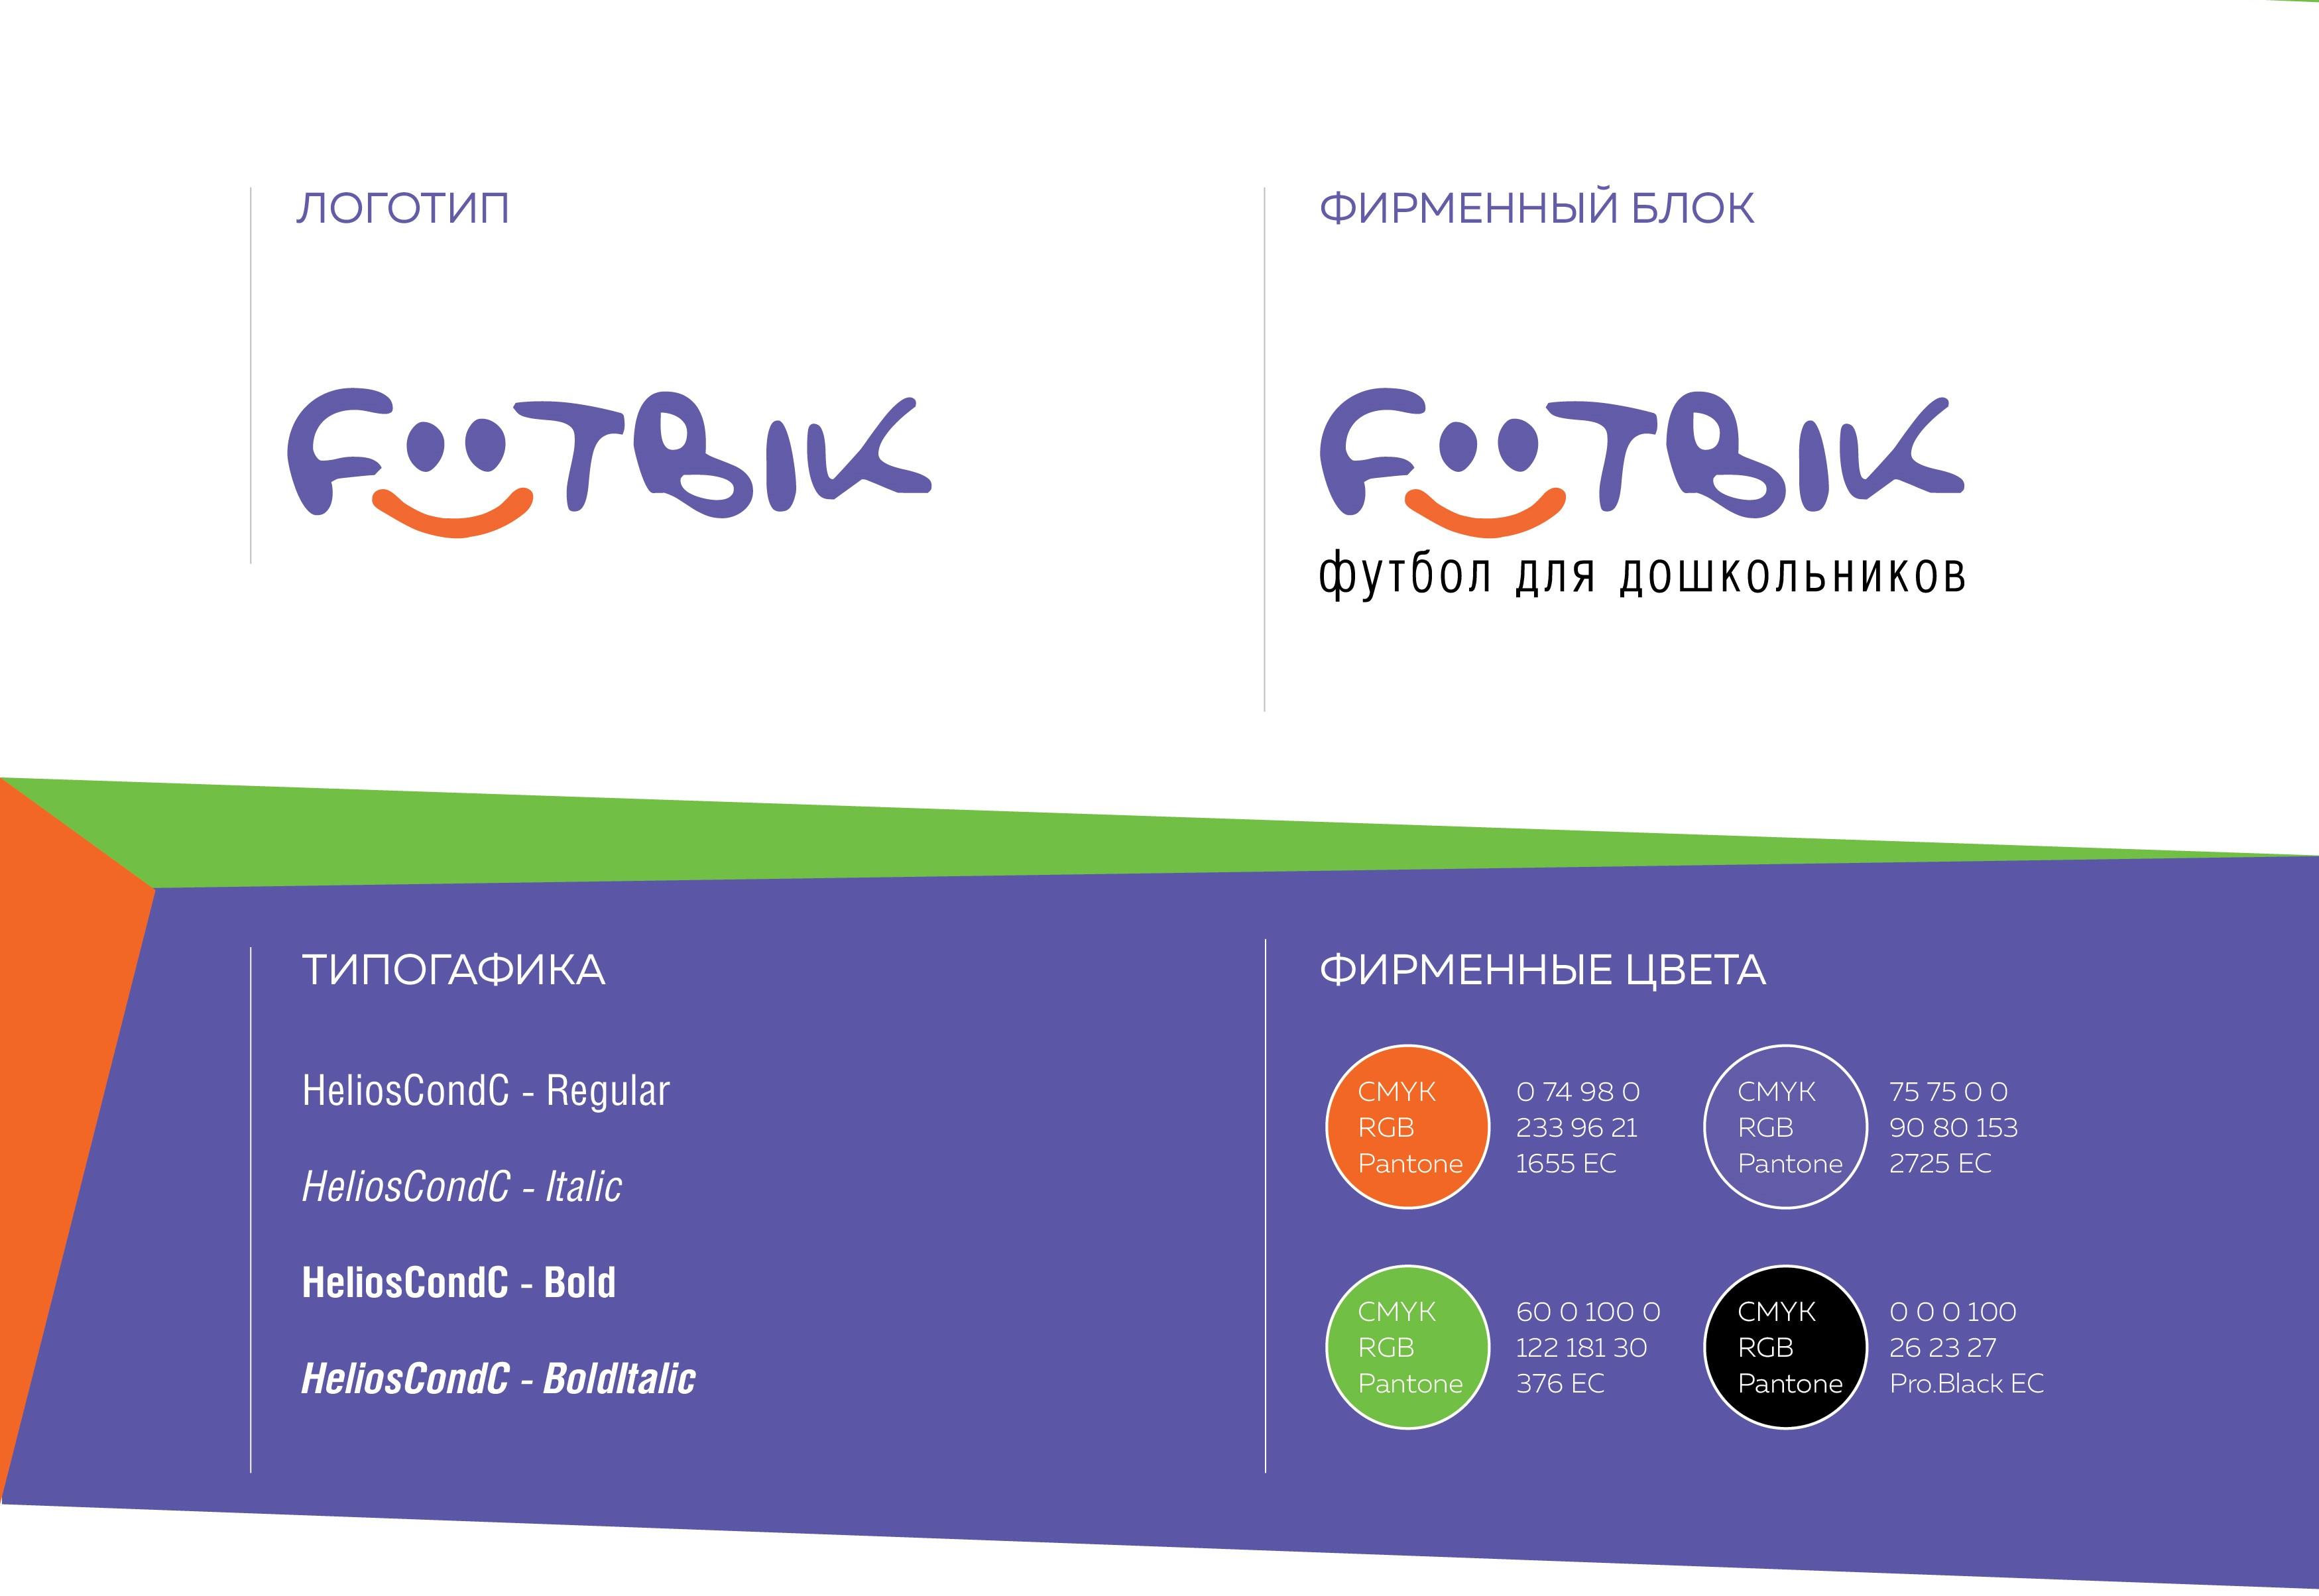 """Логотип и фирменный блок """"Футбик"""""""